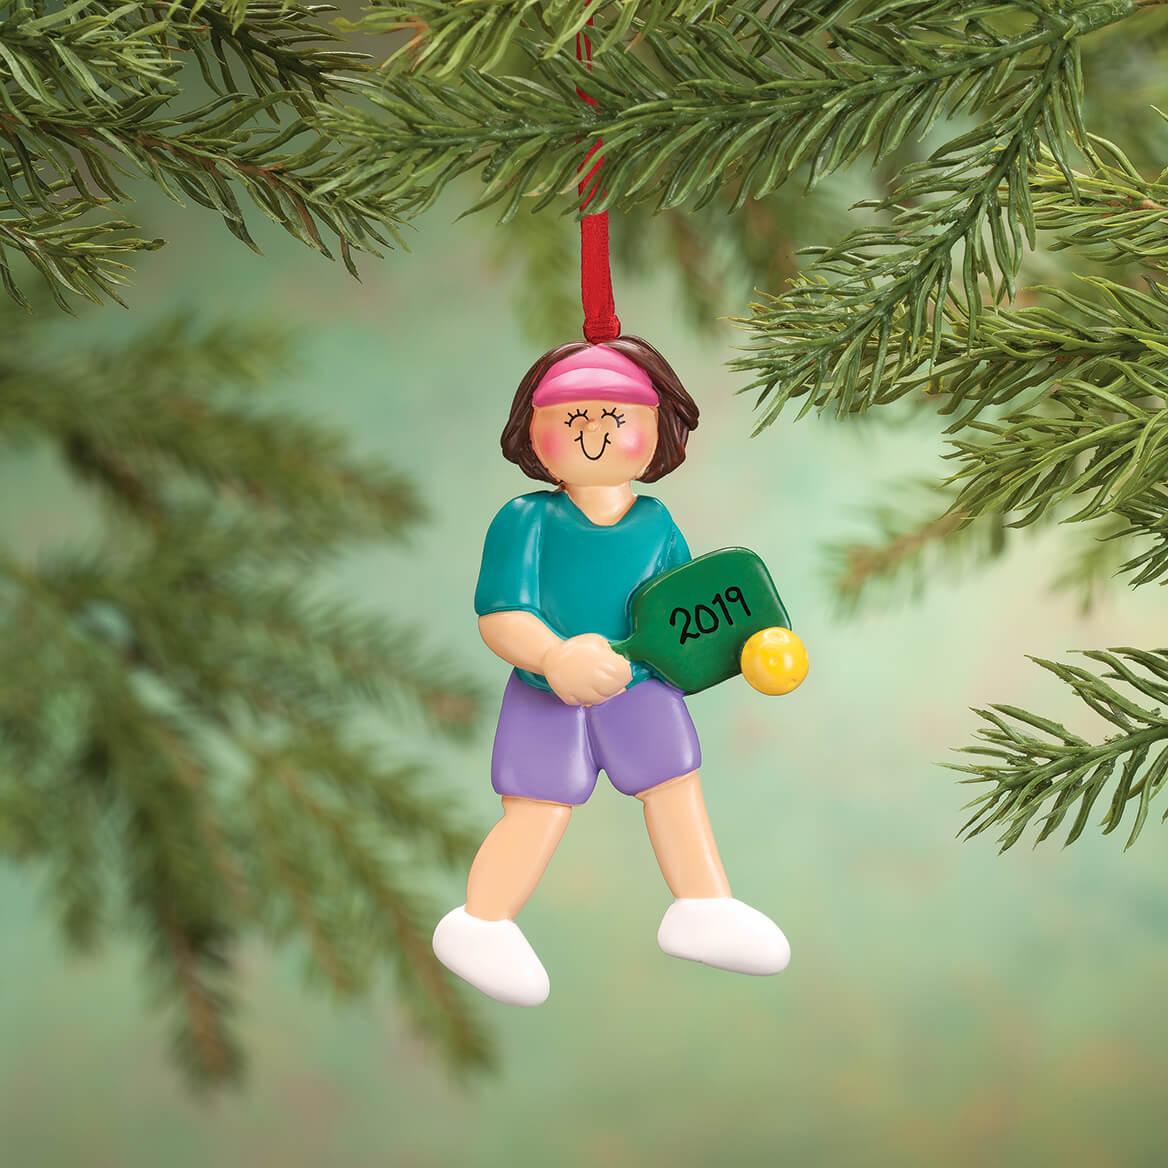 Personalized Pickleball Ornament-365725